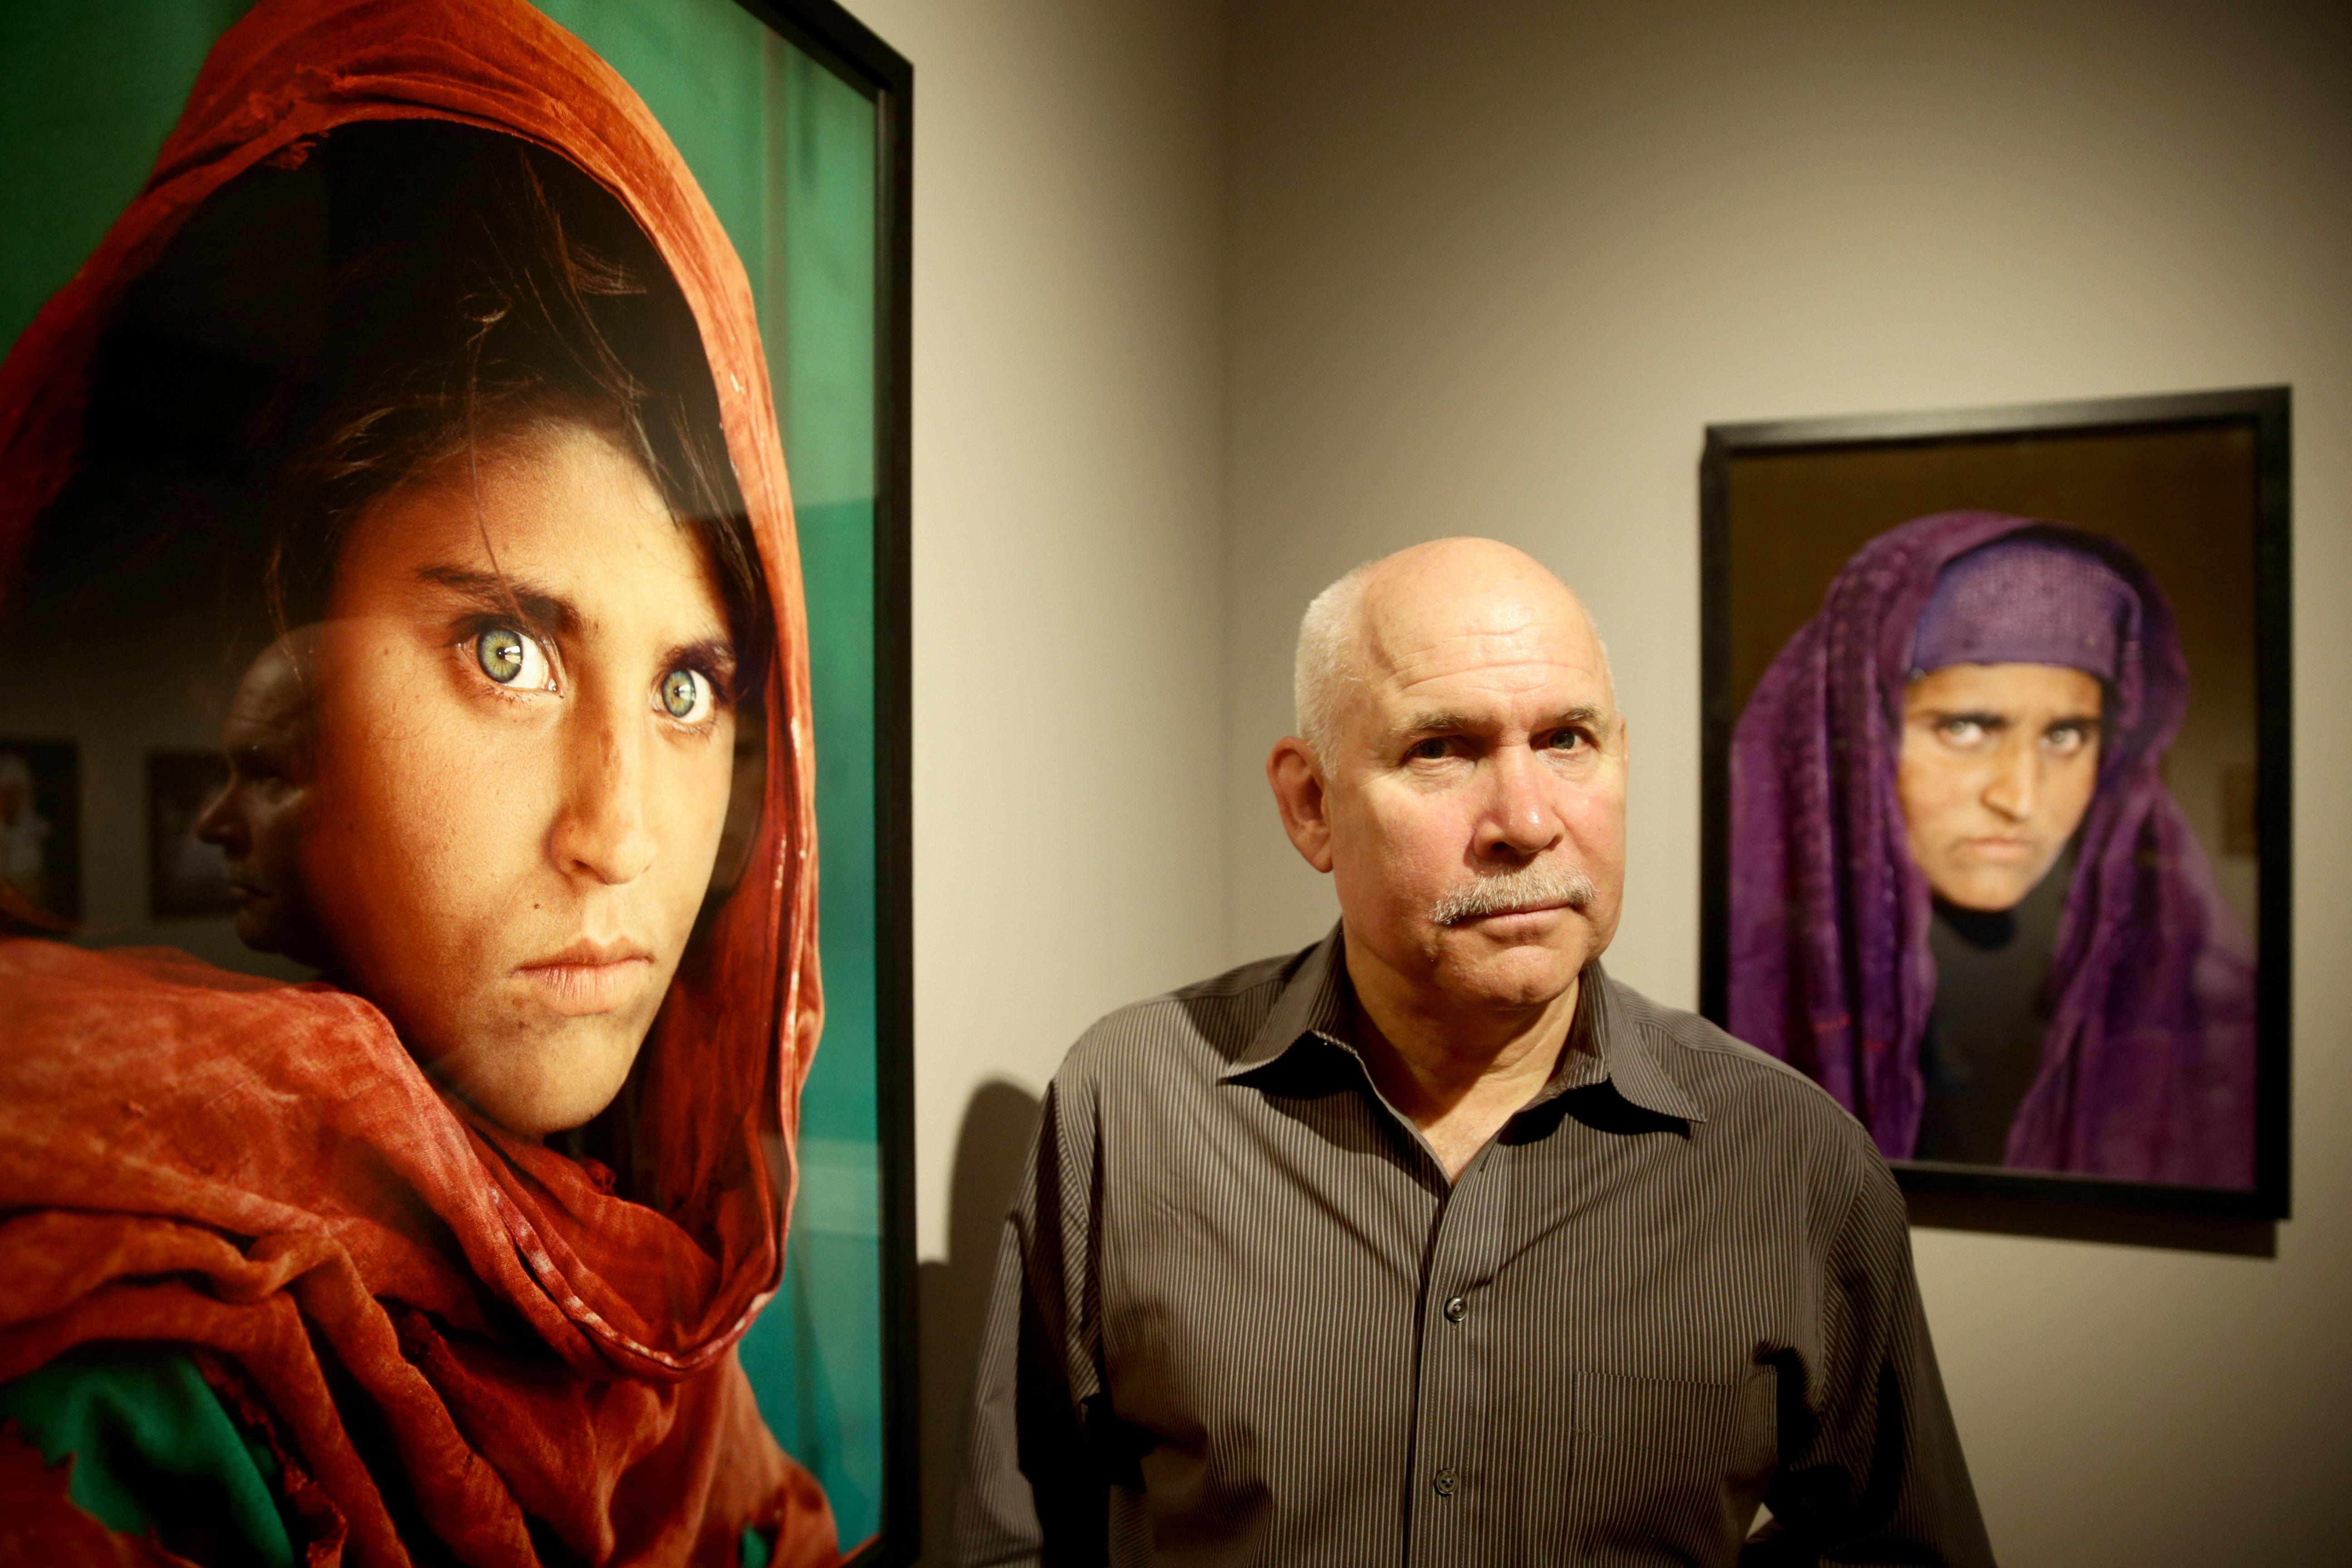 A National Geographic fotósa minden jogi és anyagi segítséget megad a harminc éve fényképezett, börtönben ülő modelljének